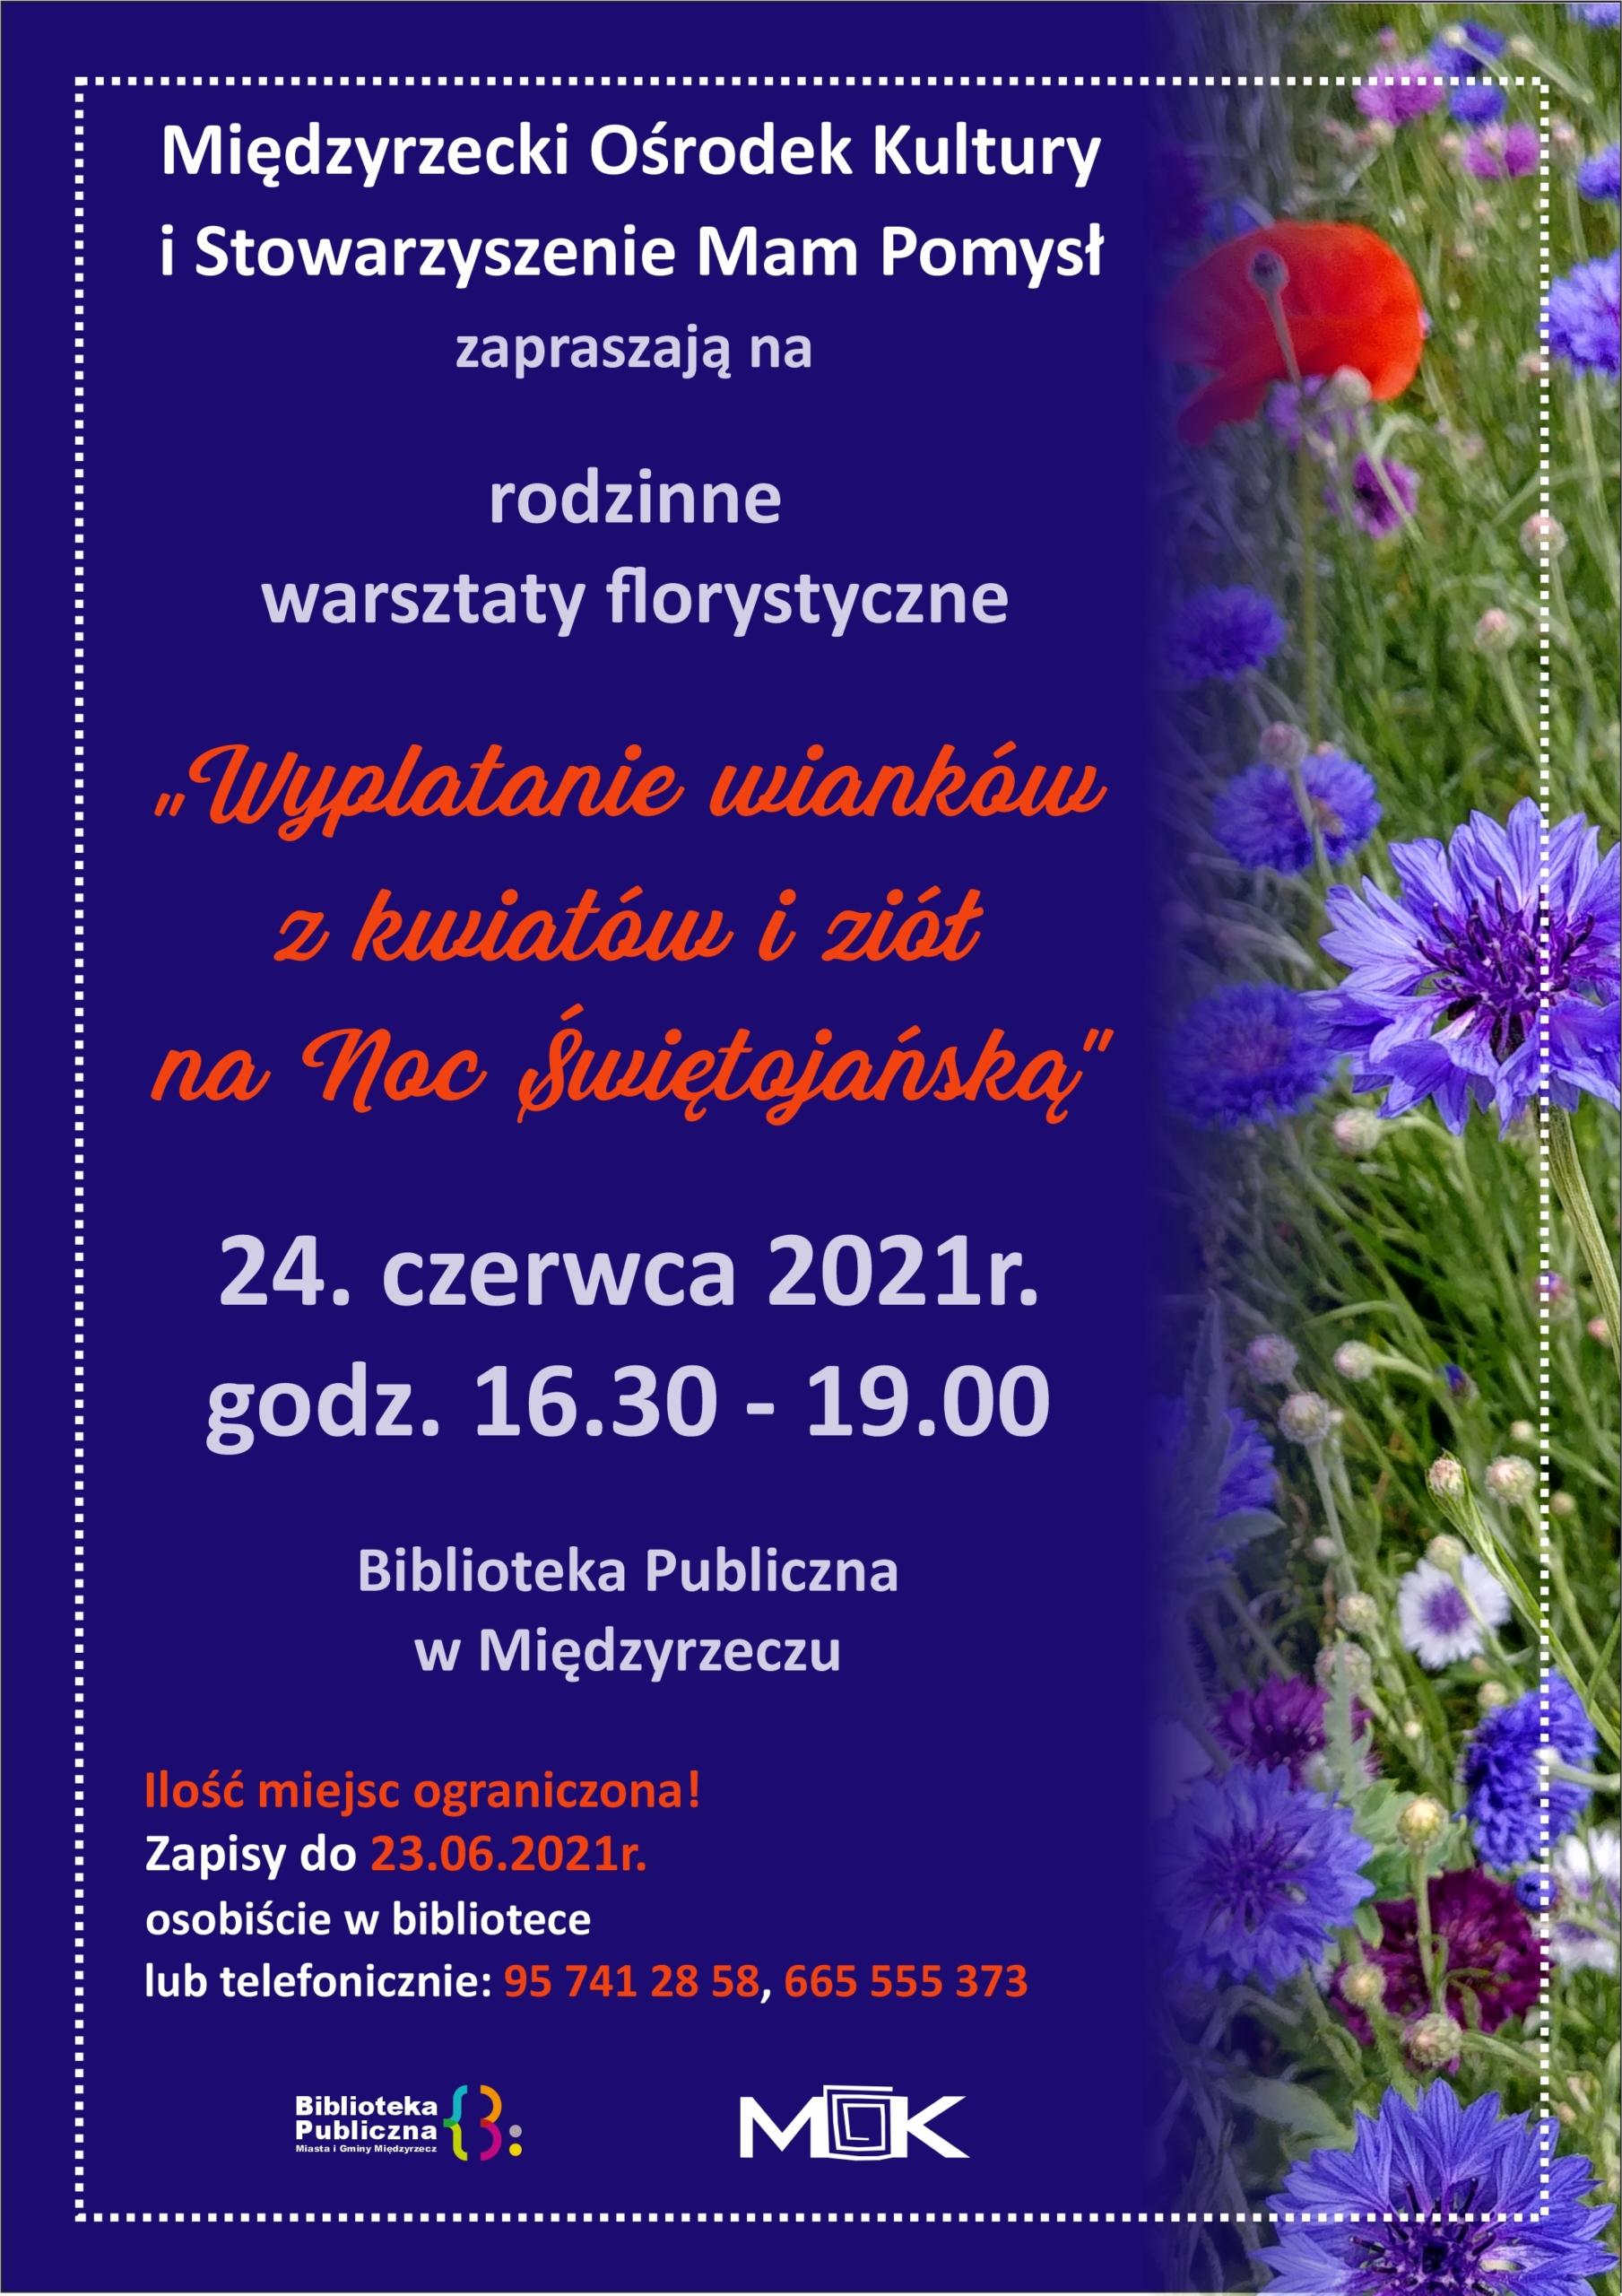 Plakat z informacją o warsztatach